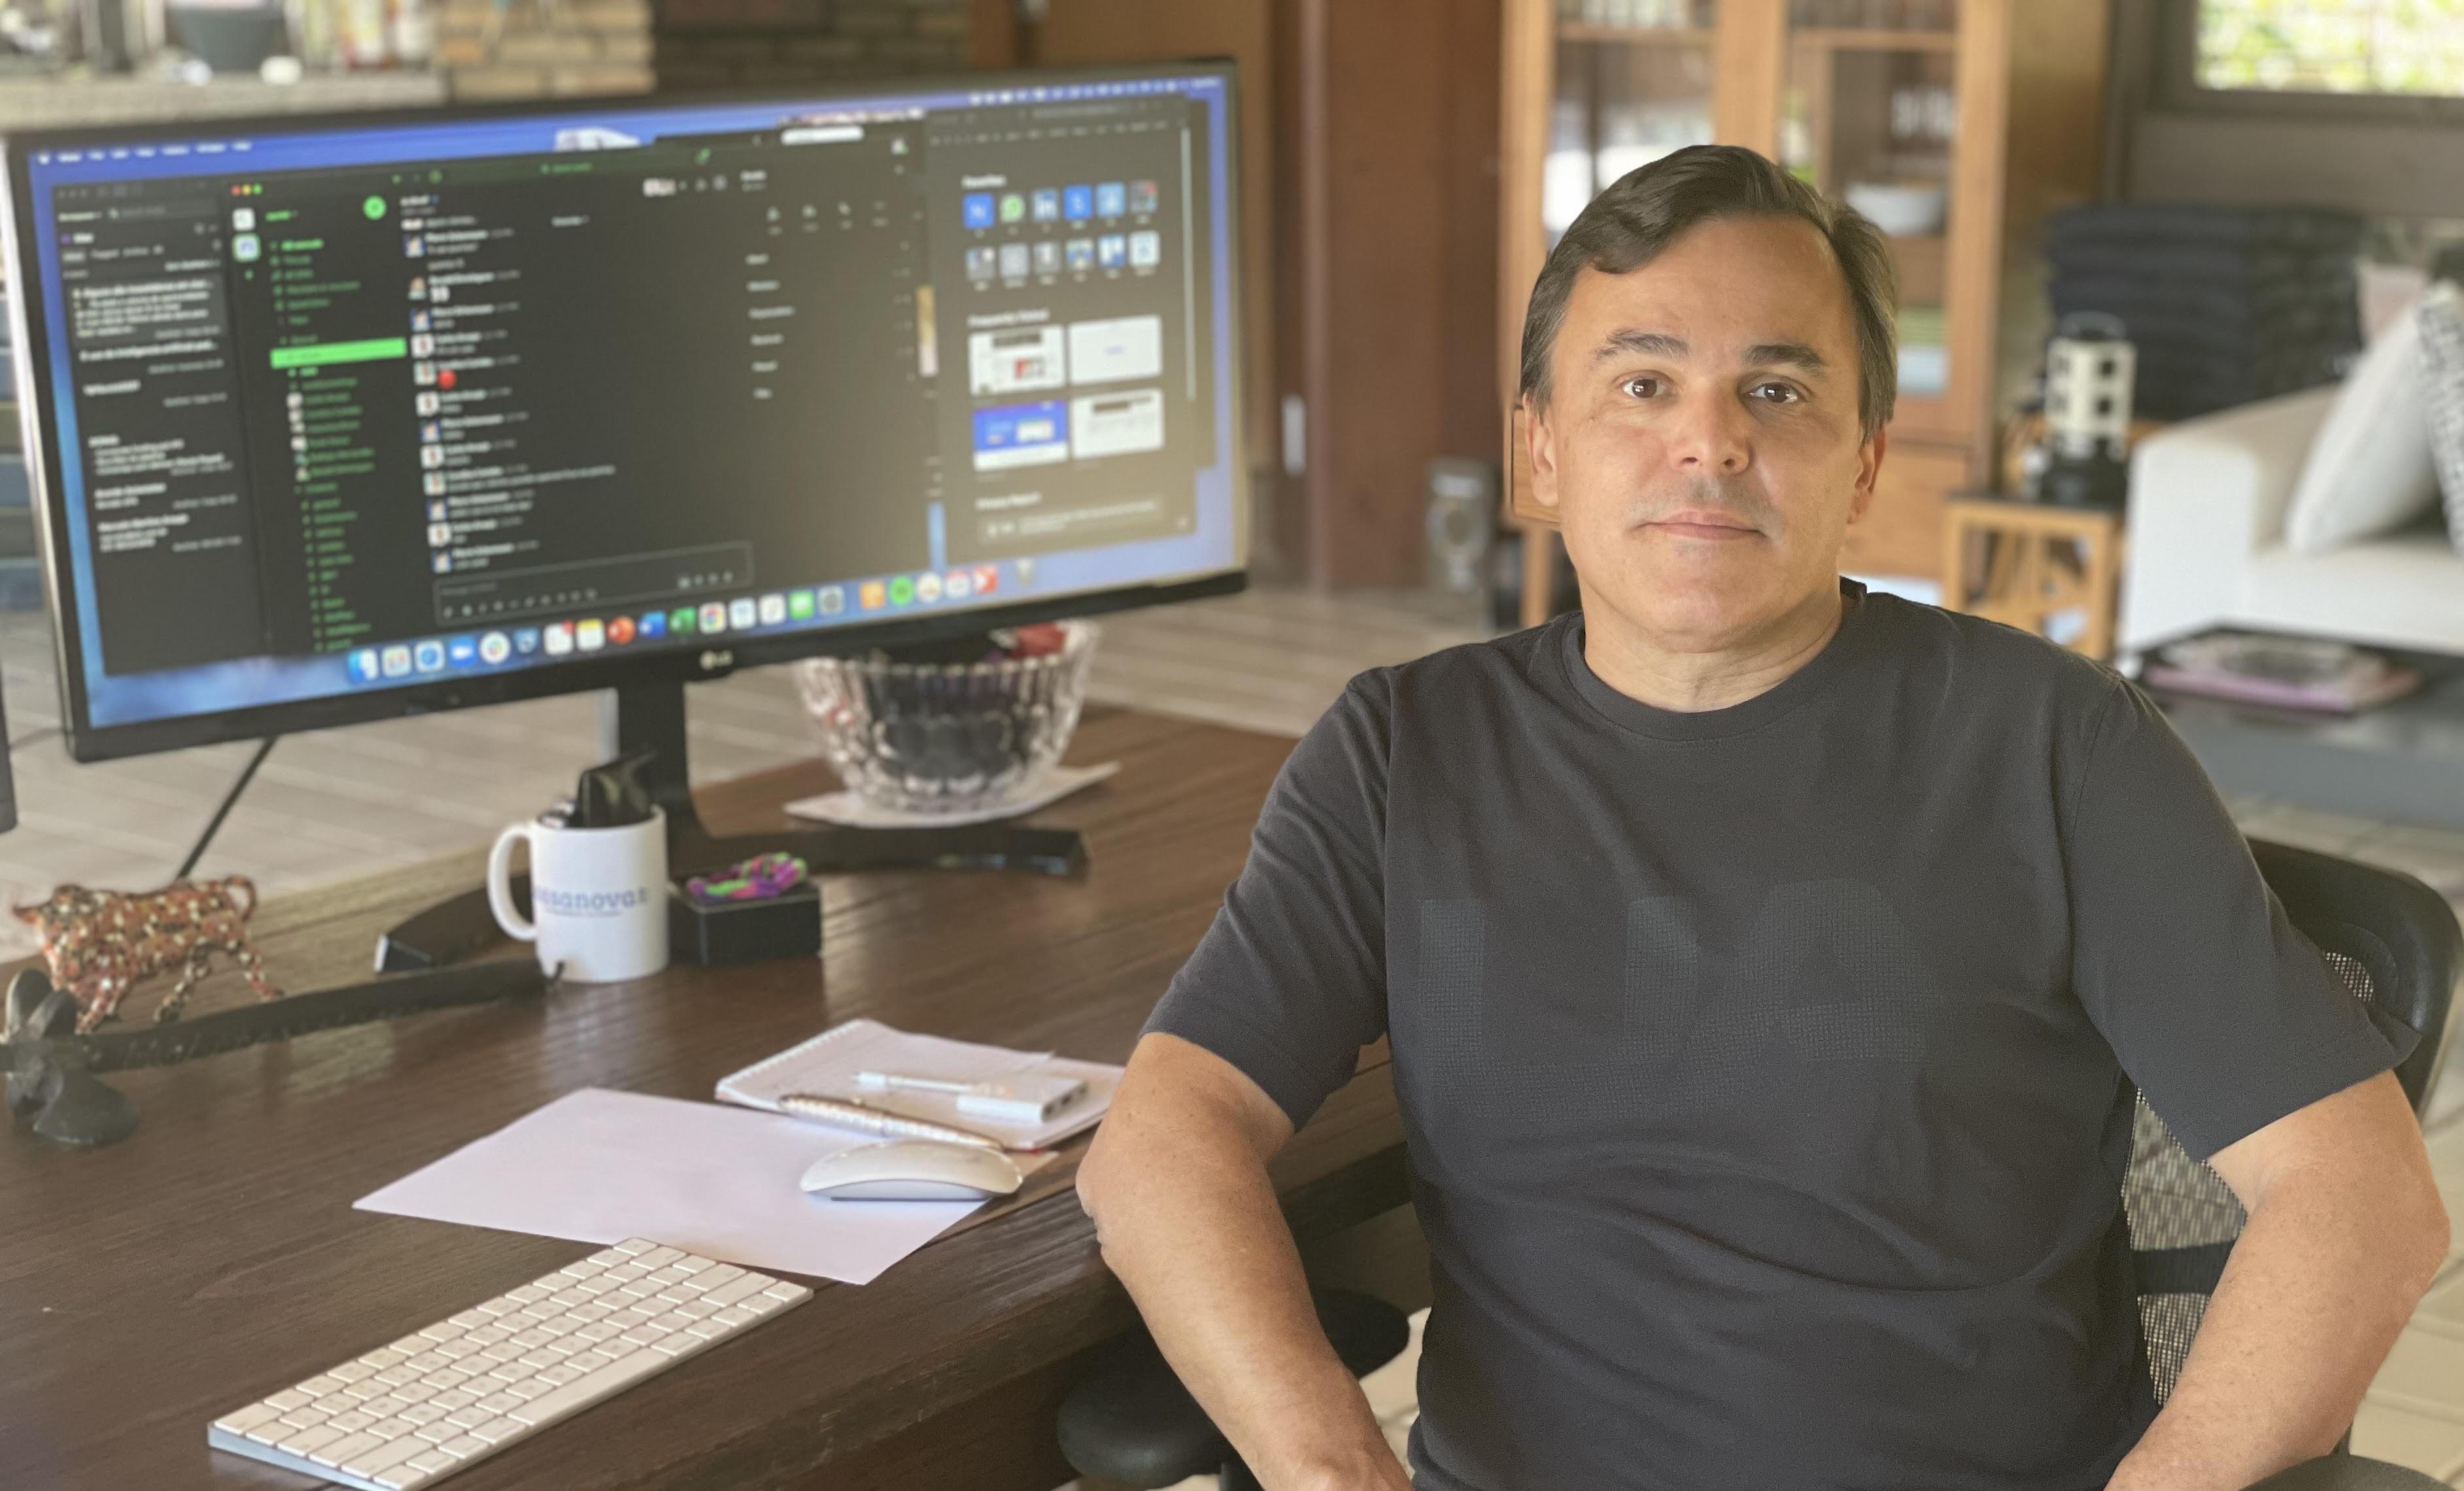 Pierre Schurmann, fundador e CEO do grupo Nuvini, que deve adquirir 15 startups até abril de 2021.